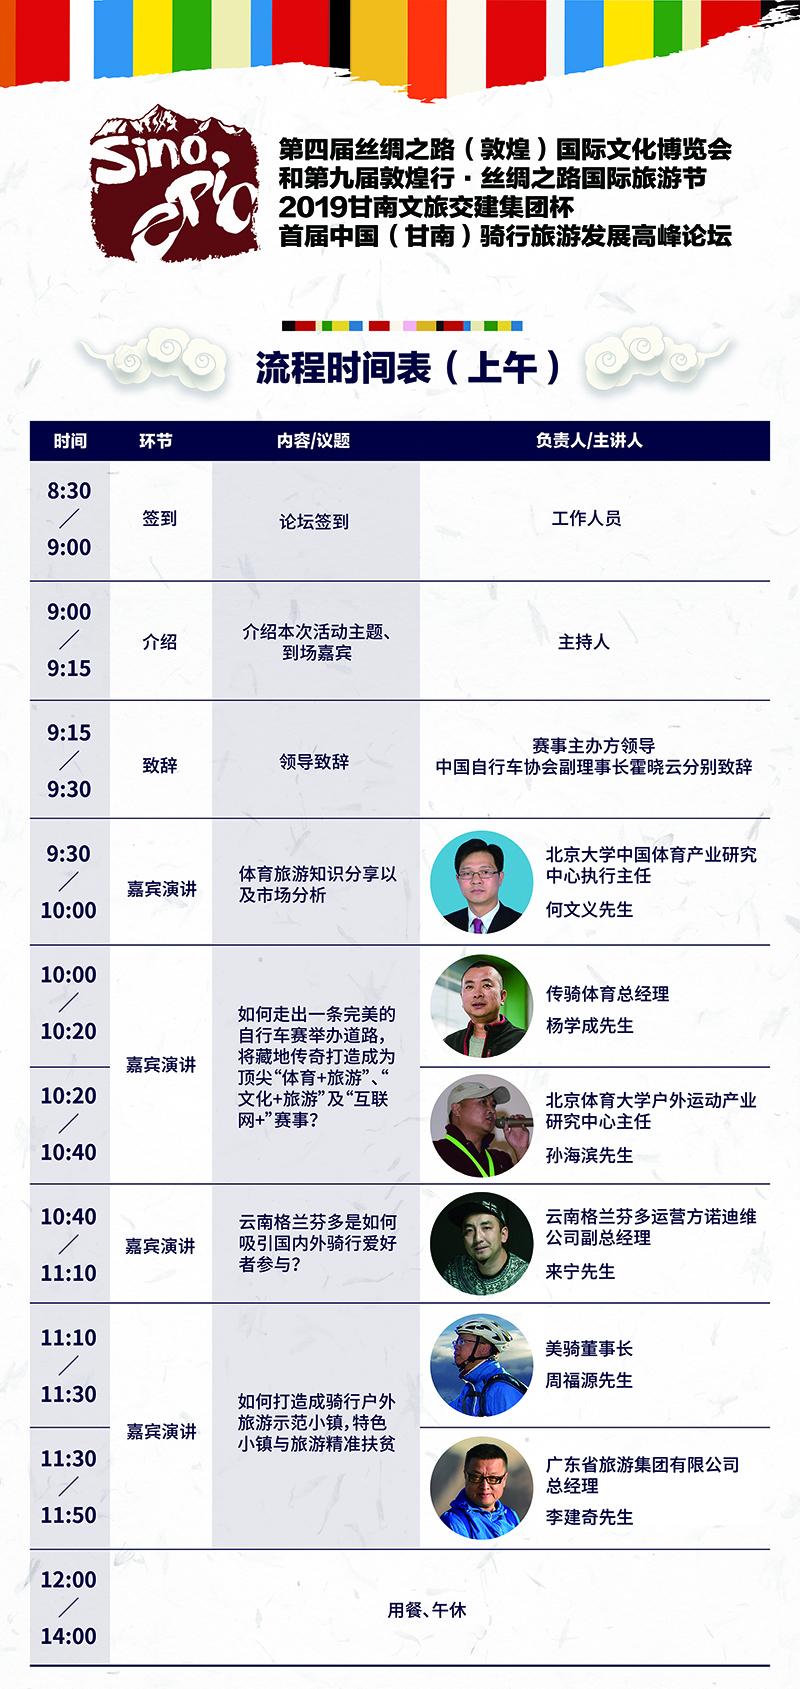 甘南骑行旅游发展高峰论坛流程.jpg